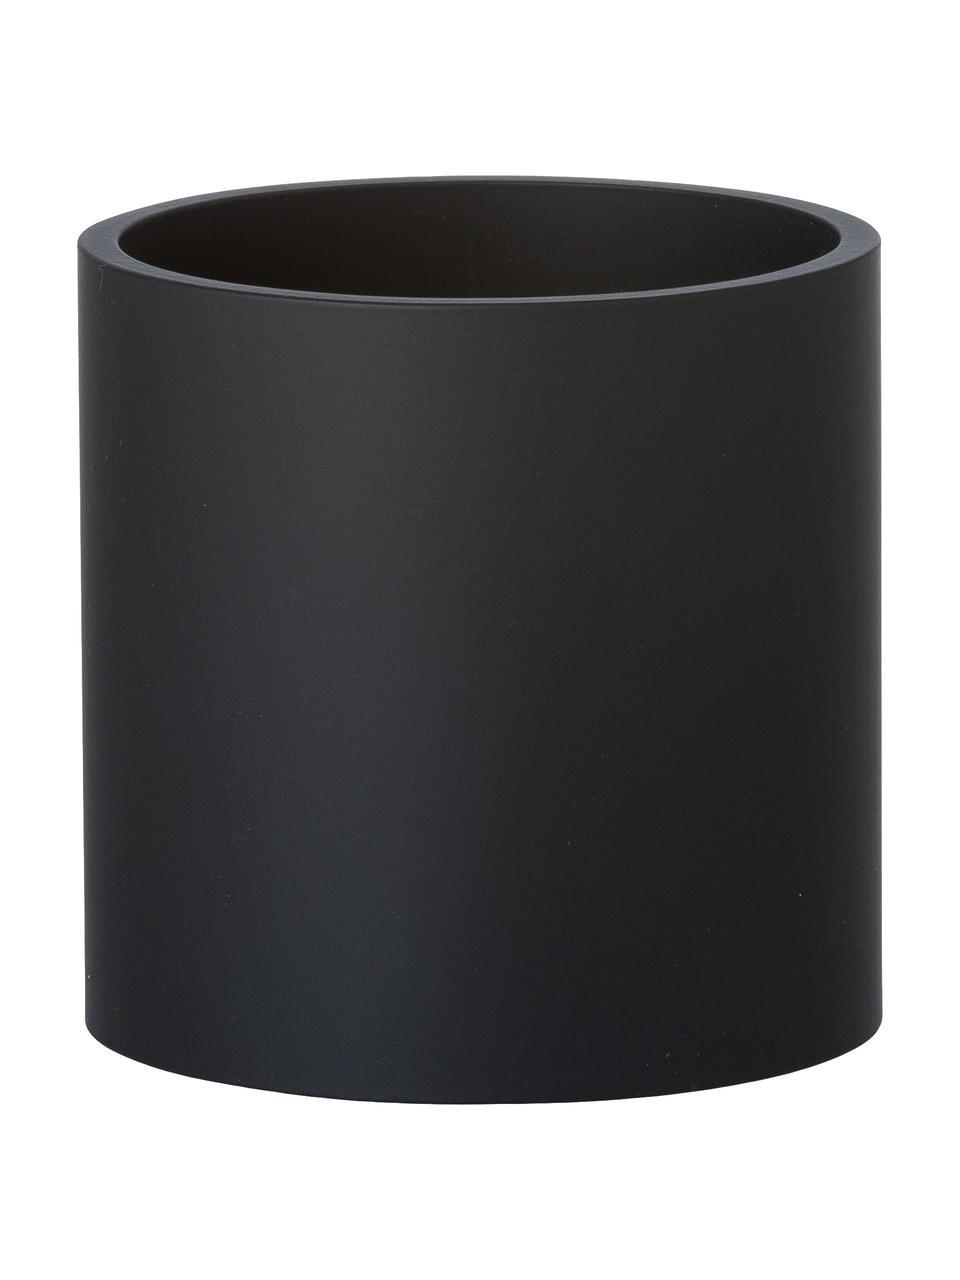 Applique minimaliste noire Roda, Noir